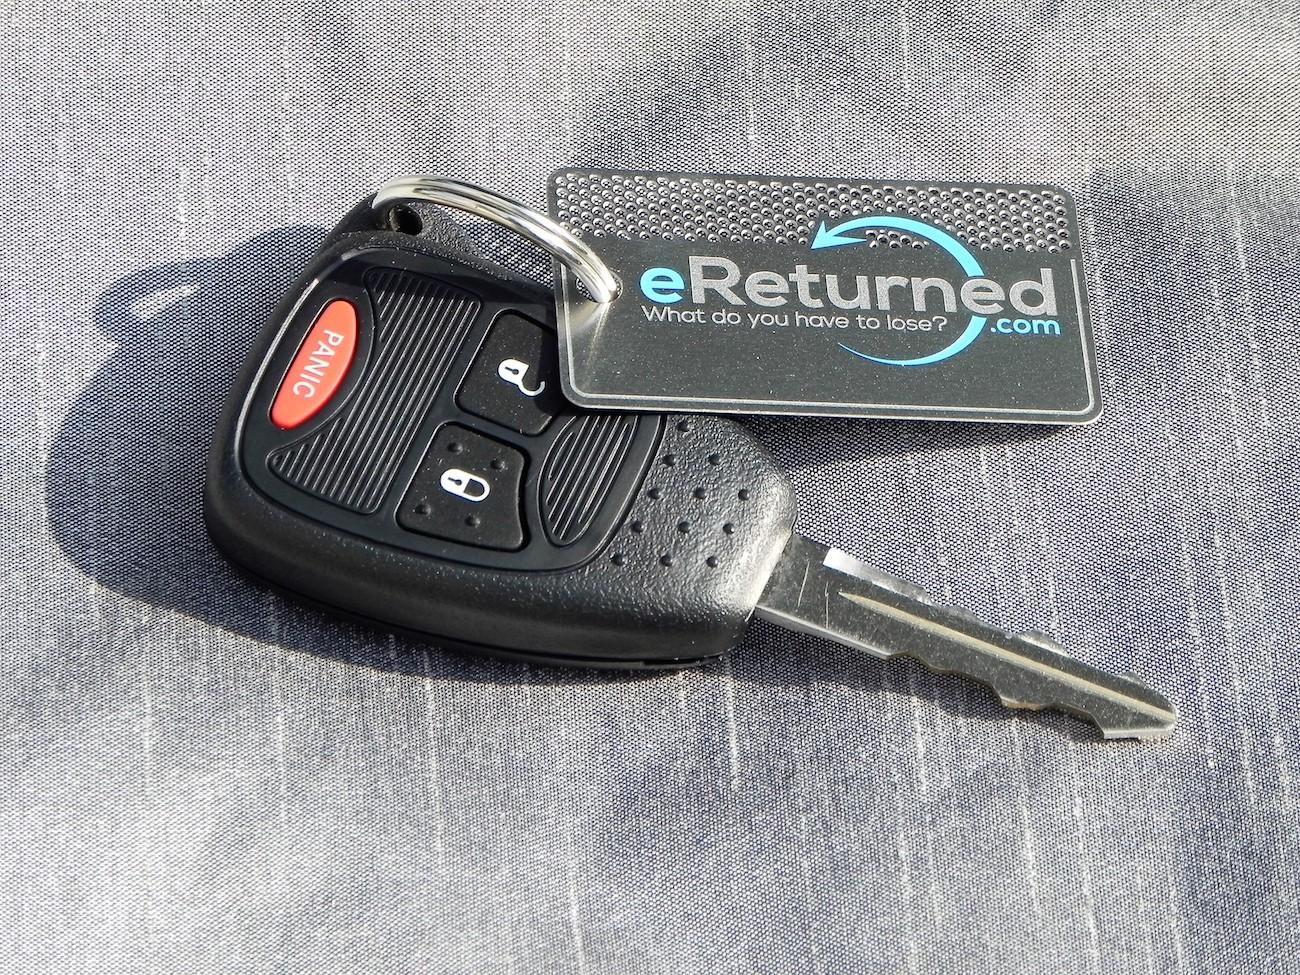 eReturned Identifying Key Tag